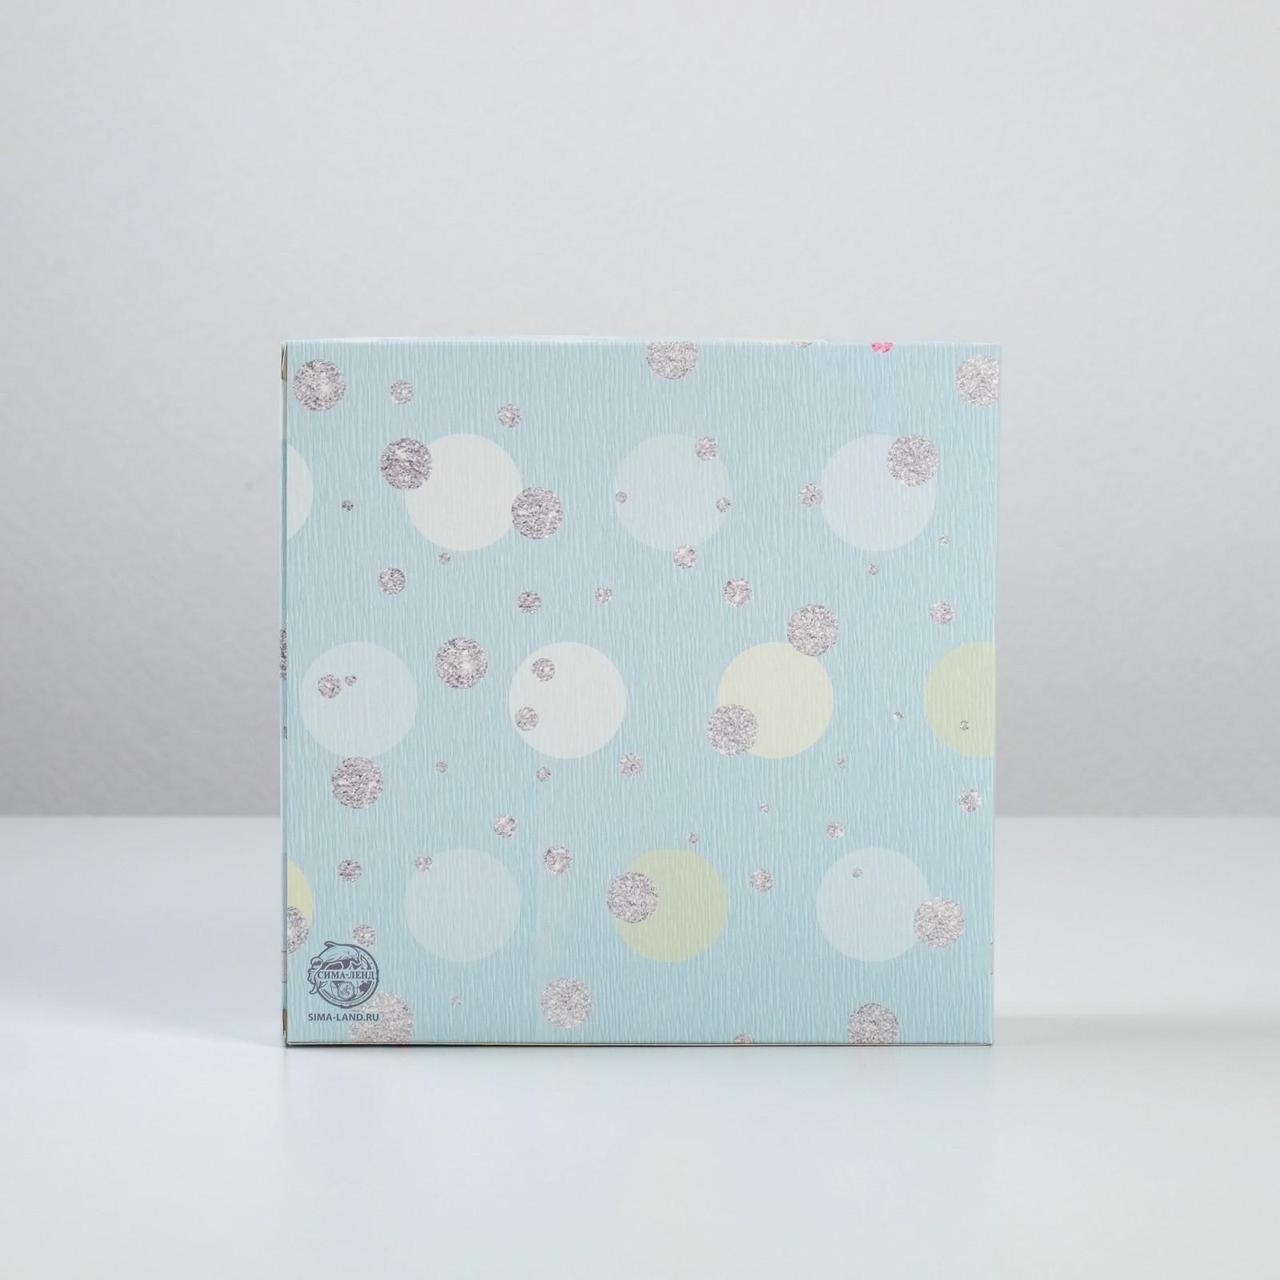 Коробка складная «Сюрприз», 20 х 20 х 5 см - фото 3